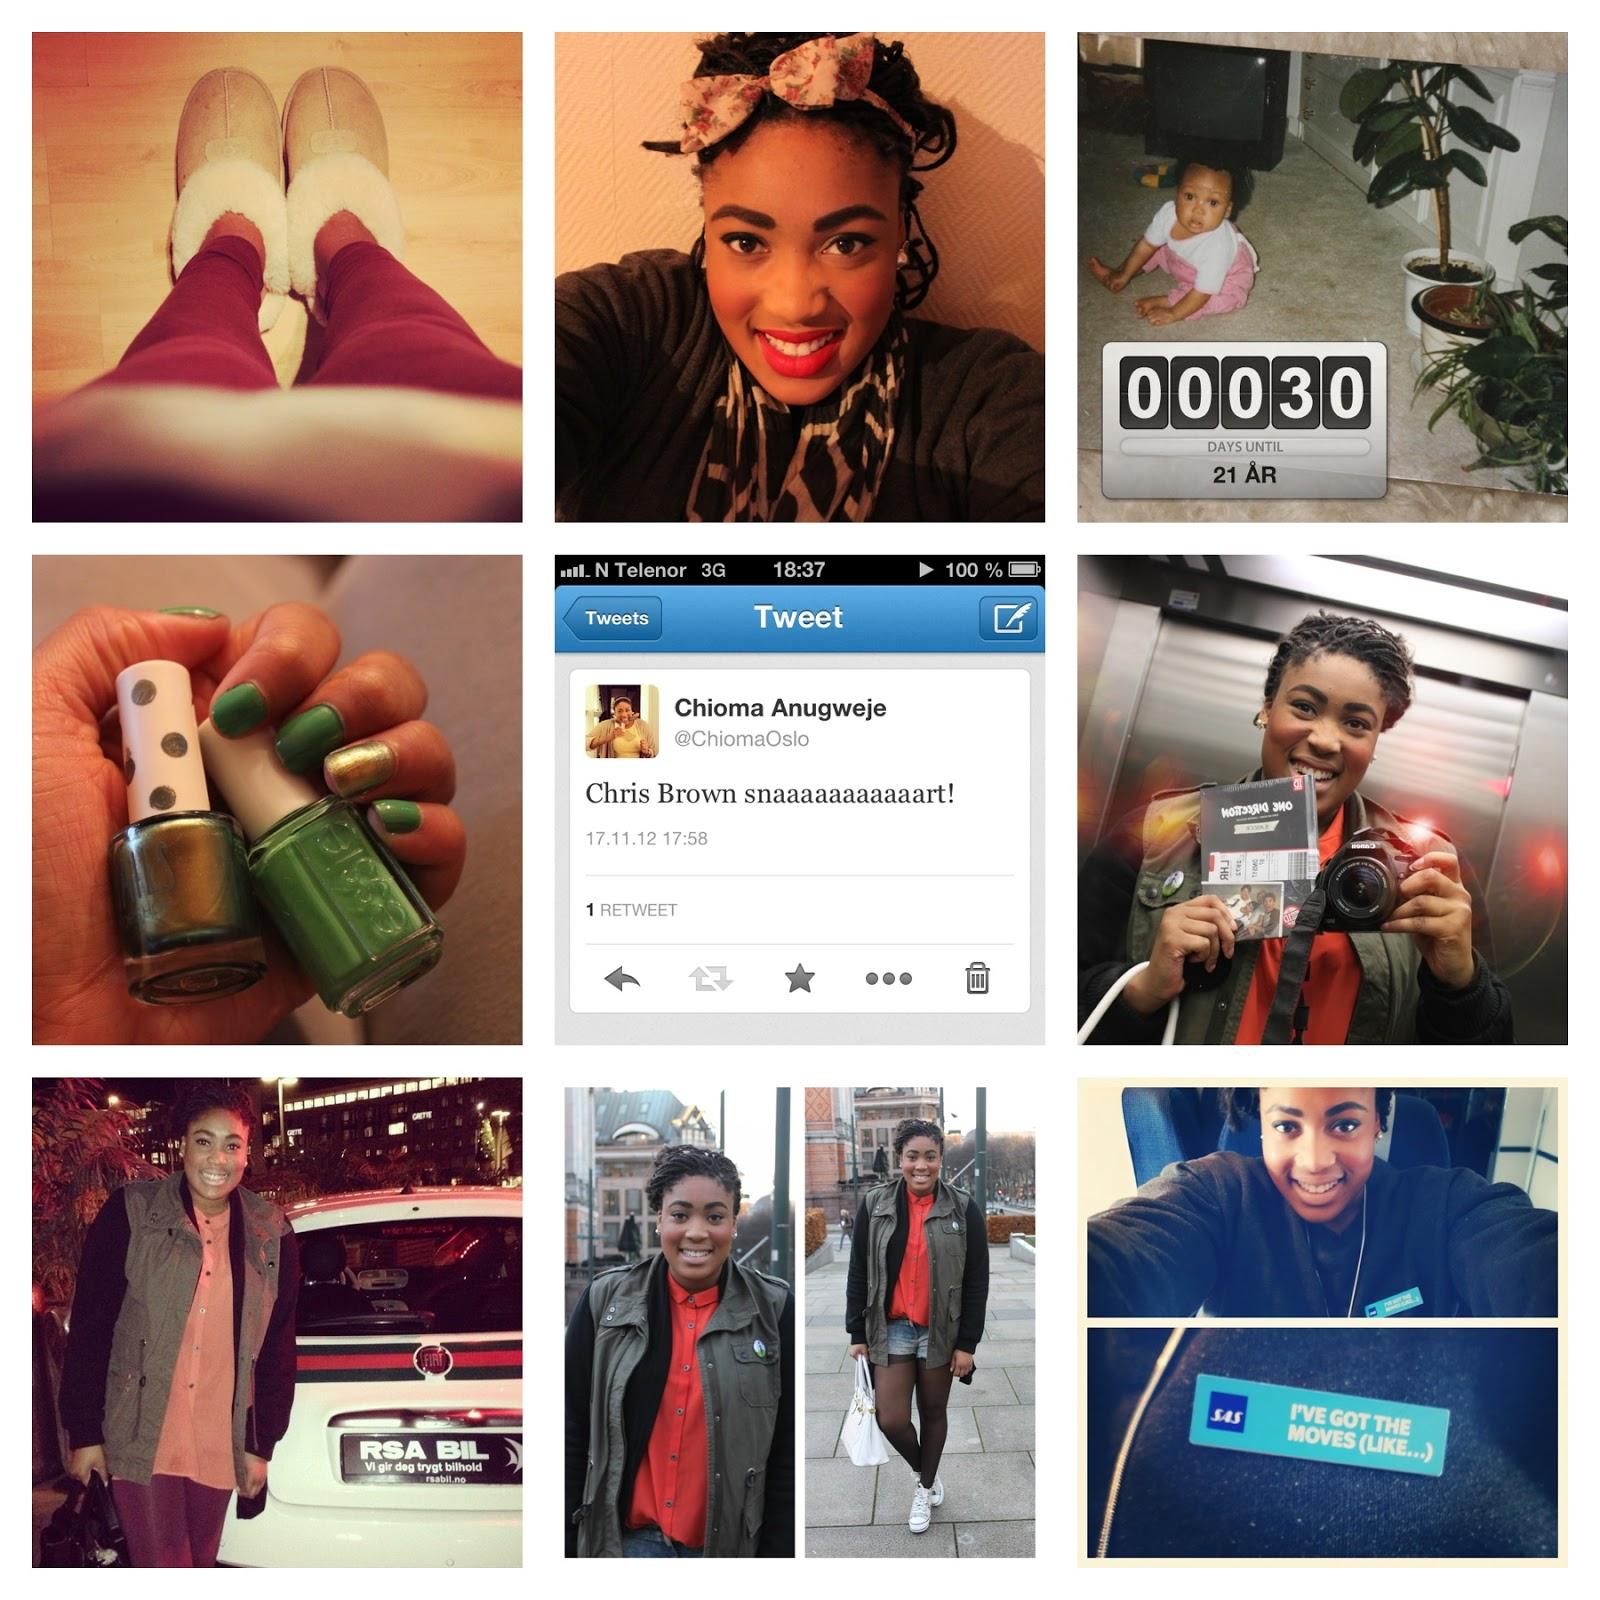 http://1.bp.blogspot.com/-e8w2FqT8fxA/ULIbl0lkaDI/AAAAAAAAZx4/ziWuc_afcgw/s1600/bilde(8).JPG